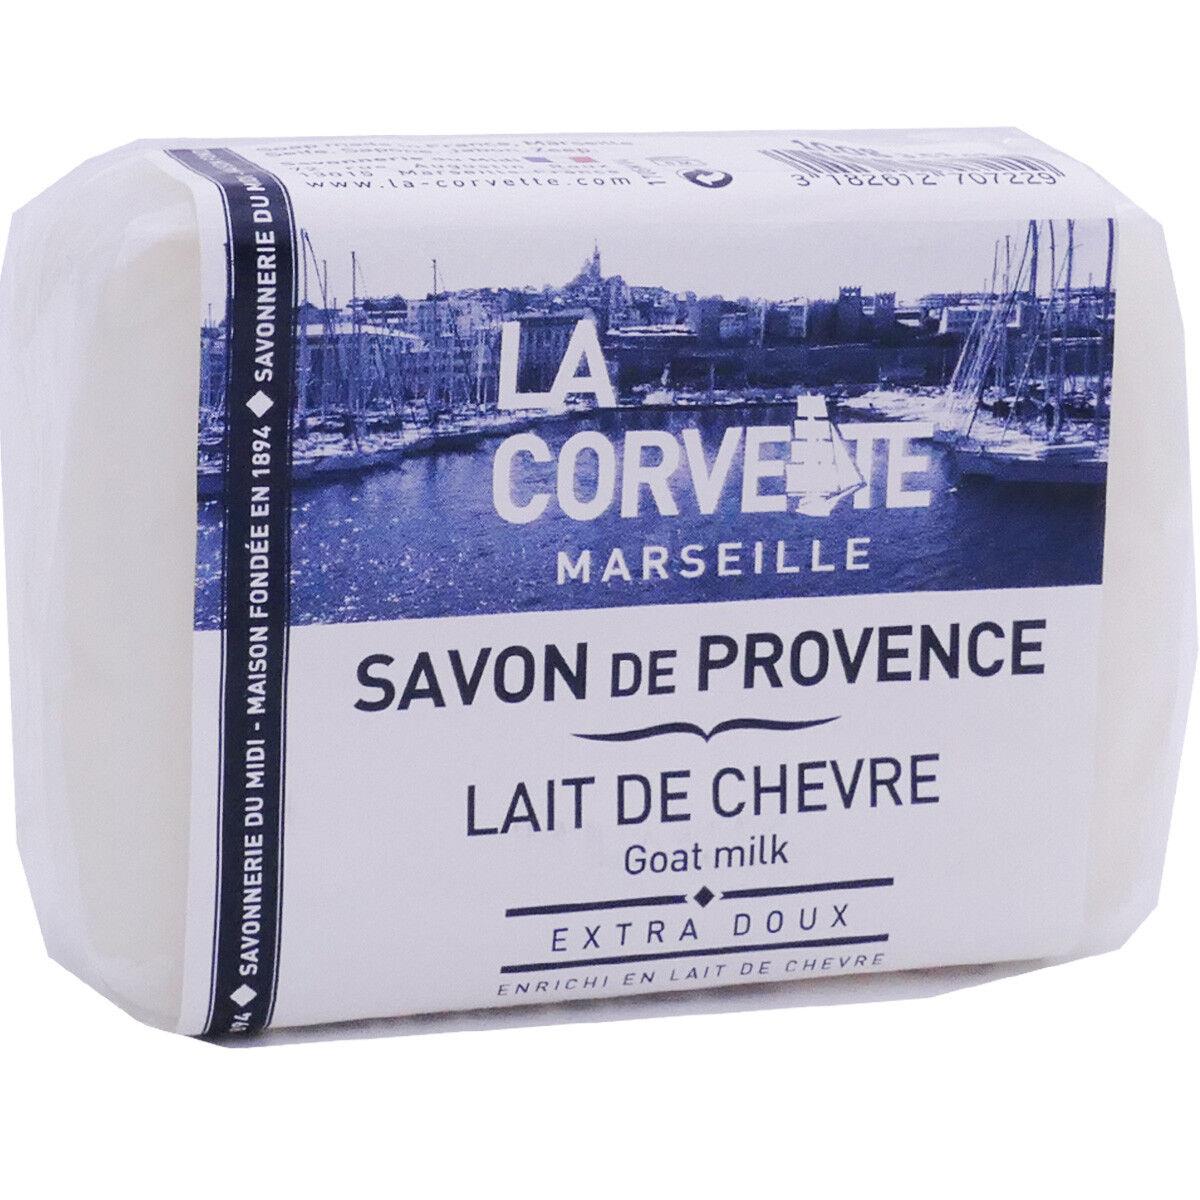 La corvette savon de provence lait de chevre 100g